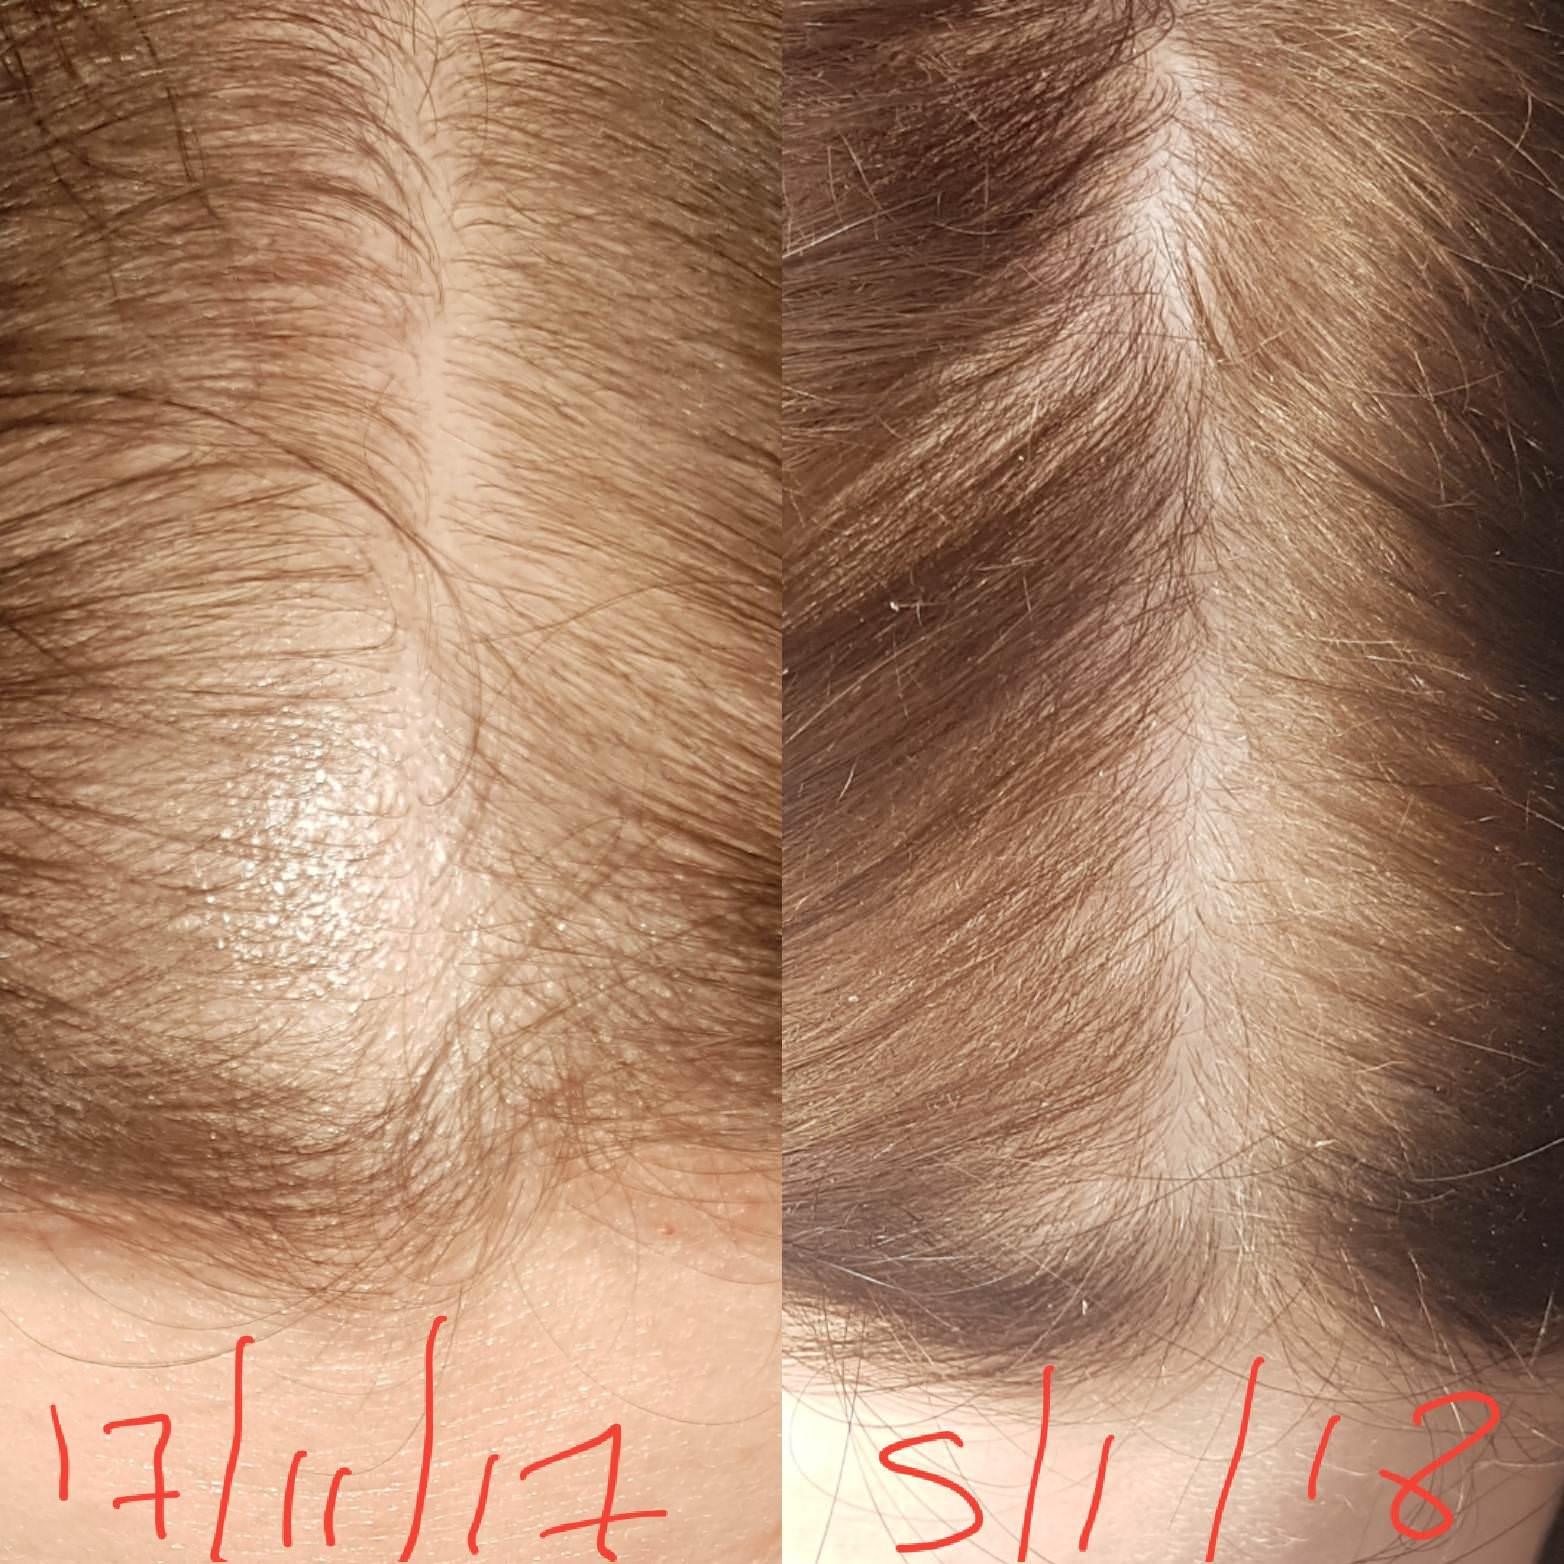 Rogaine To Grow Back Hair Minoxidil Hair Dailybeauty The